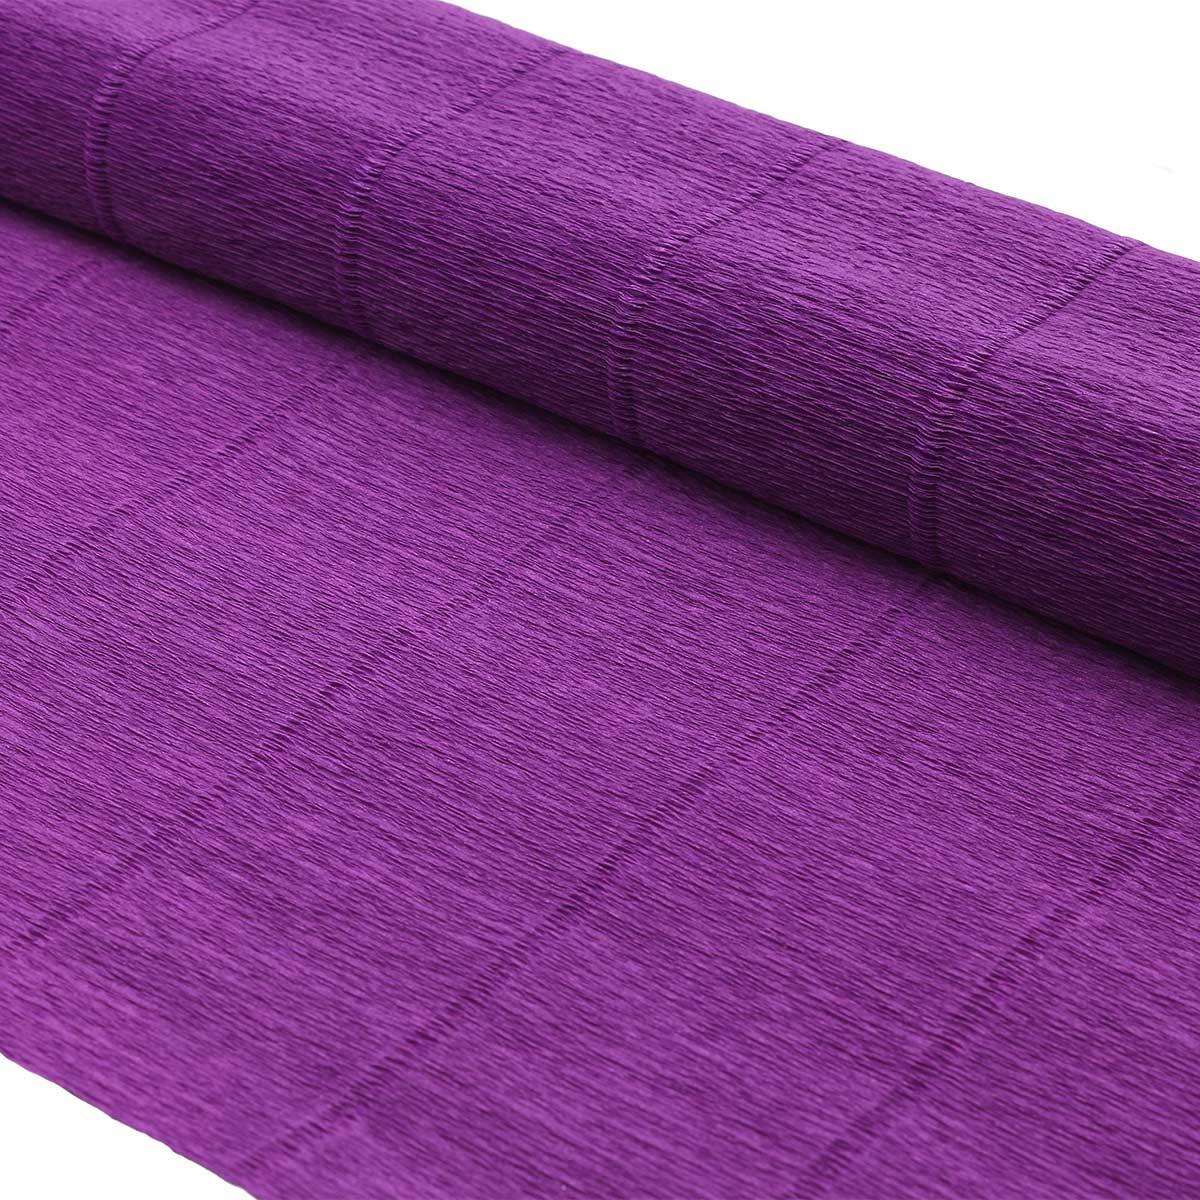 87530845 Бумага гофрированная простая, 50см*2,5м 140гр 993 фиолетовая